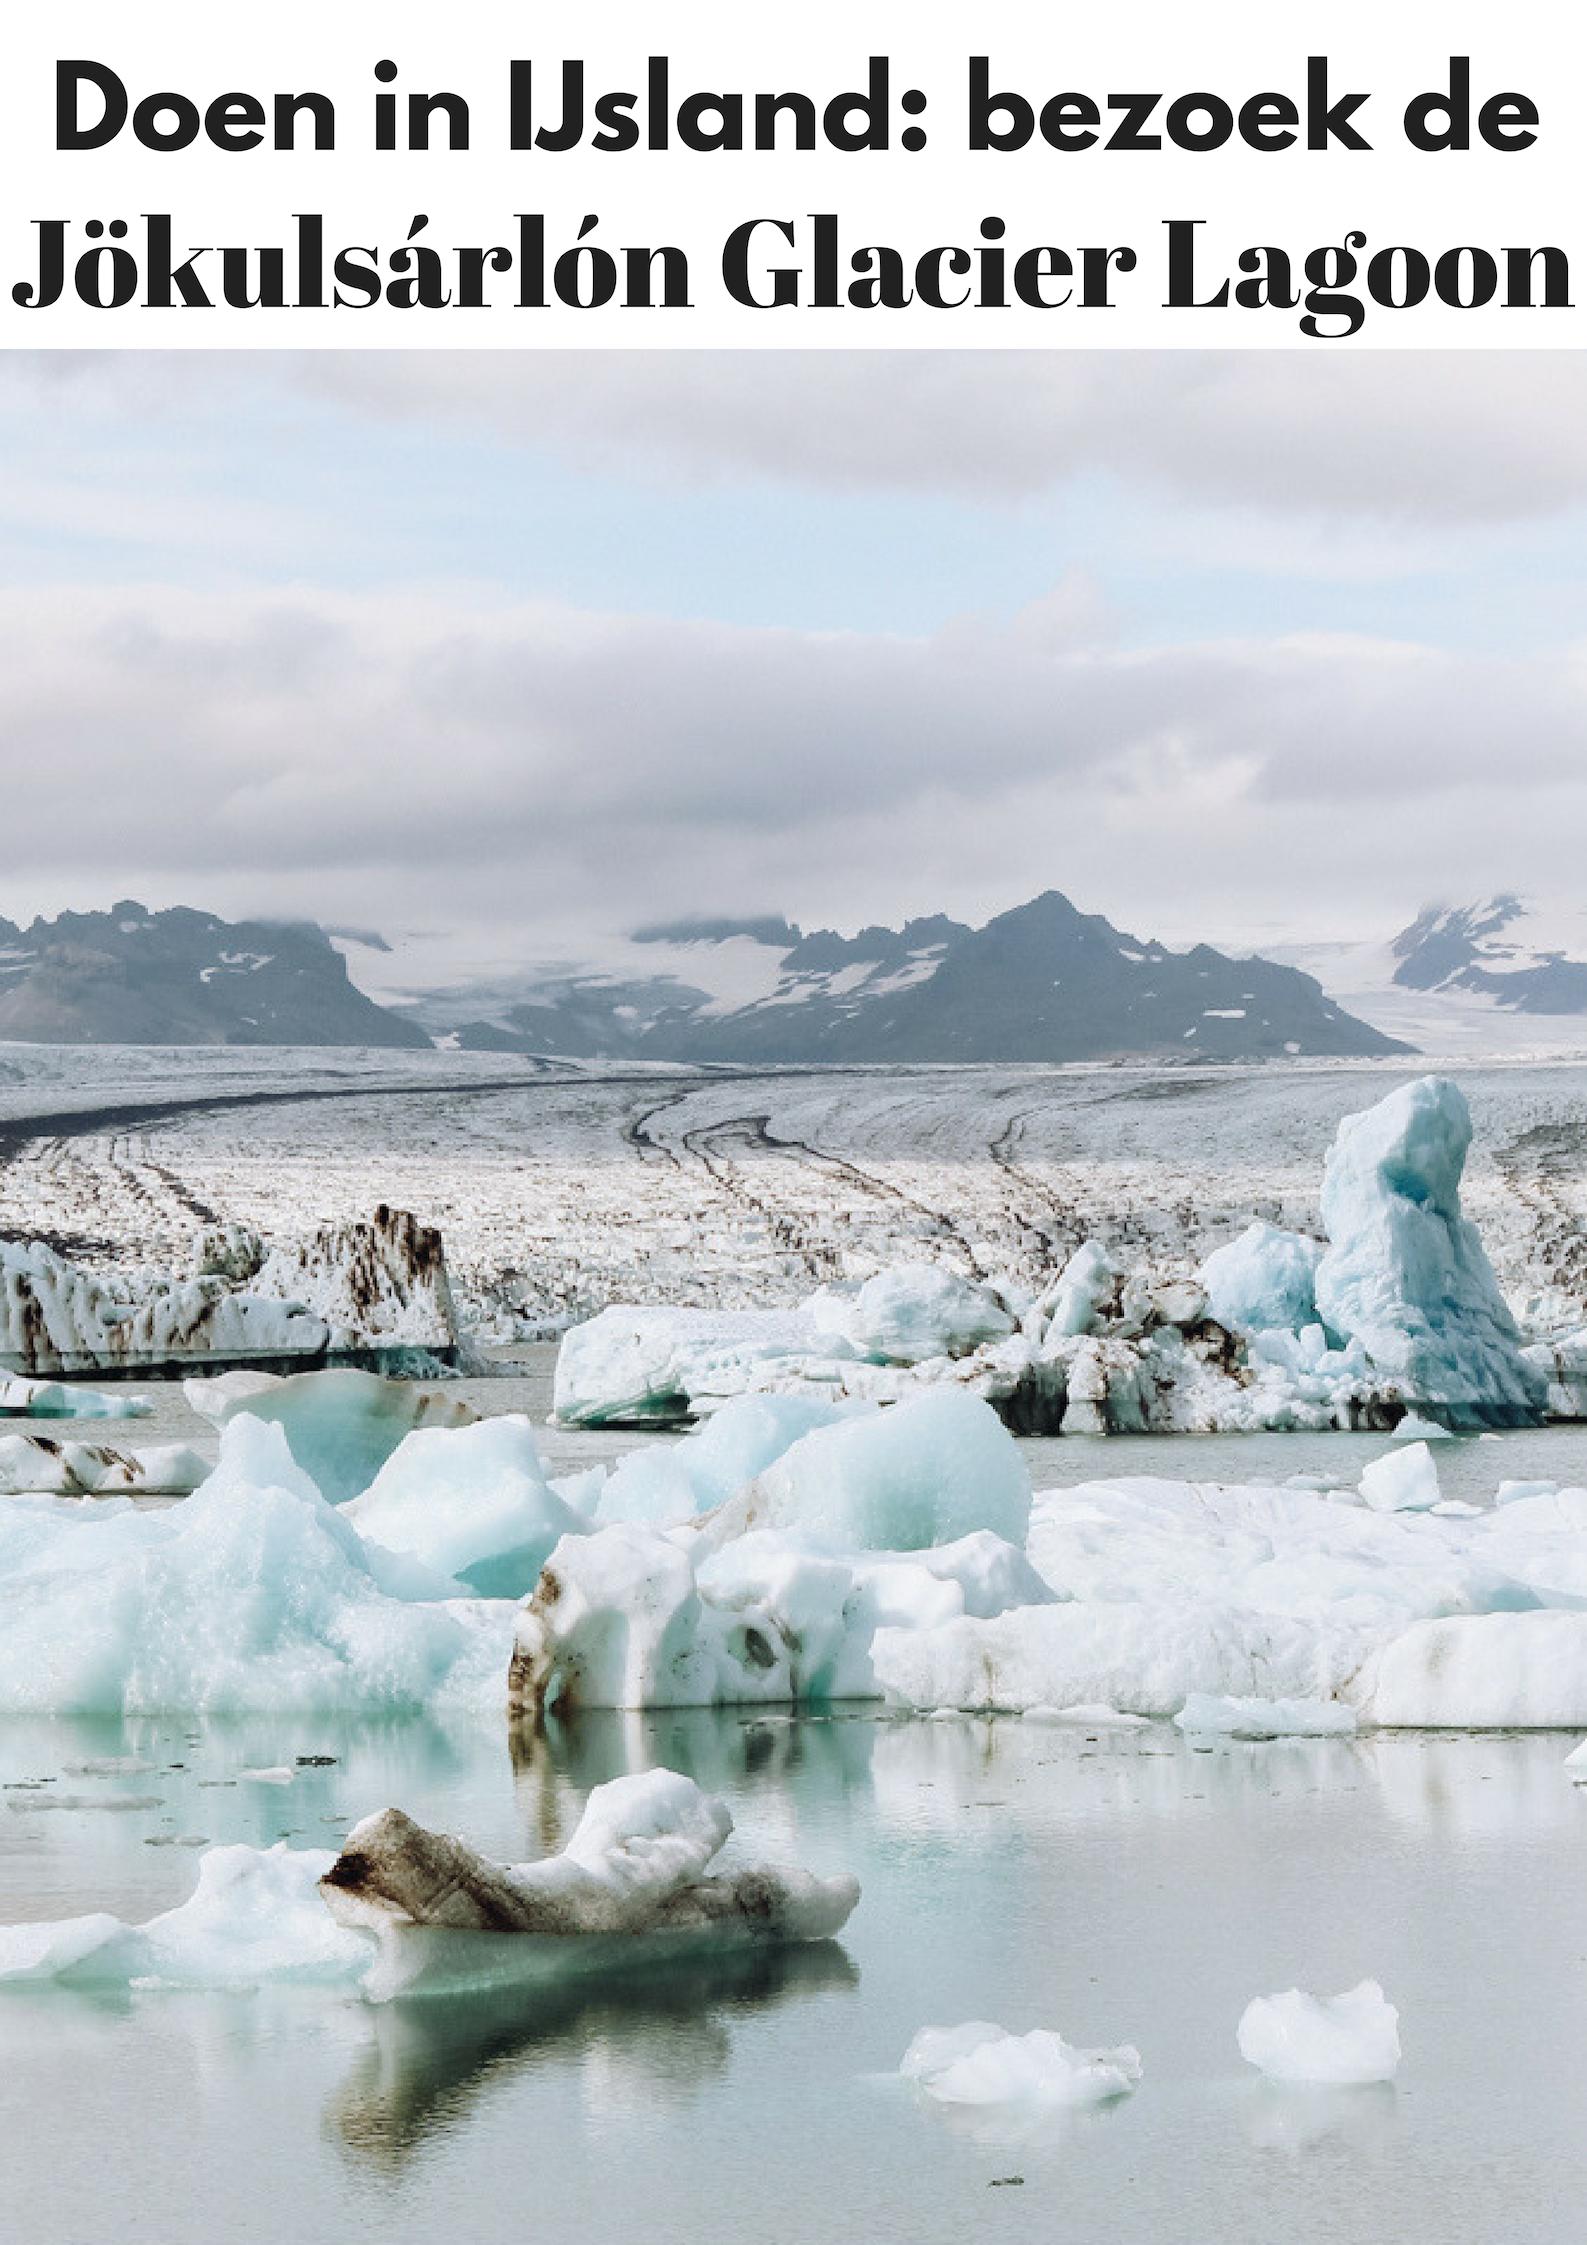 Doen in IJsland: bezoek de Jokulsarlon Glacier - Map of Joy